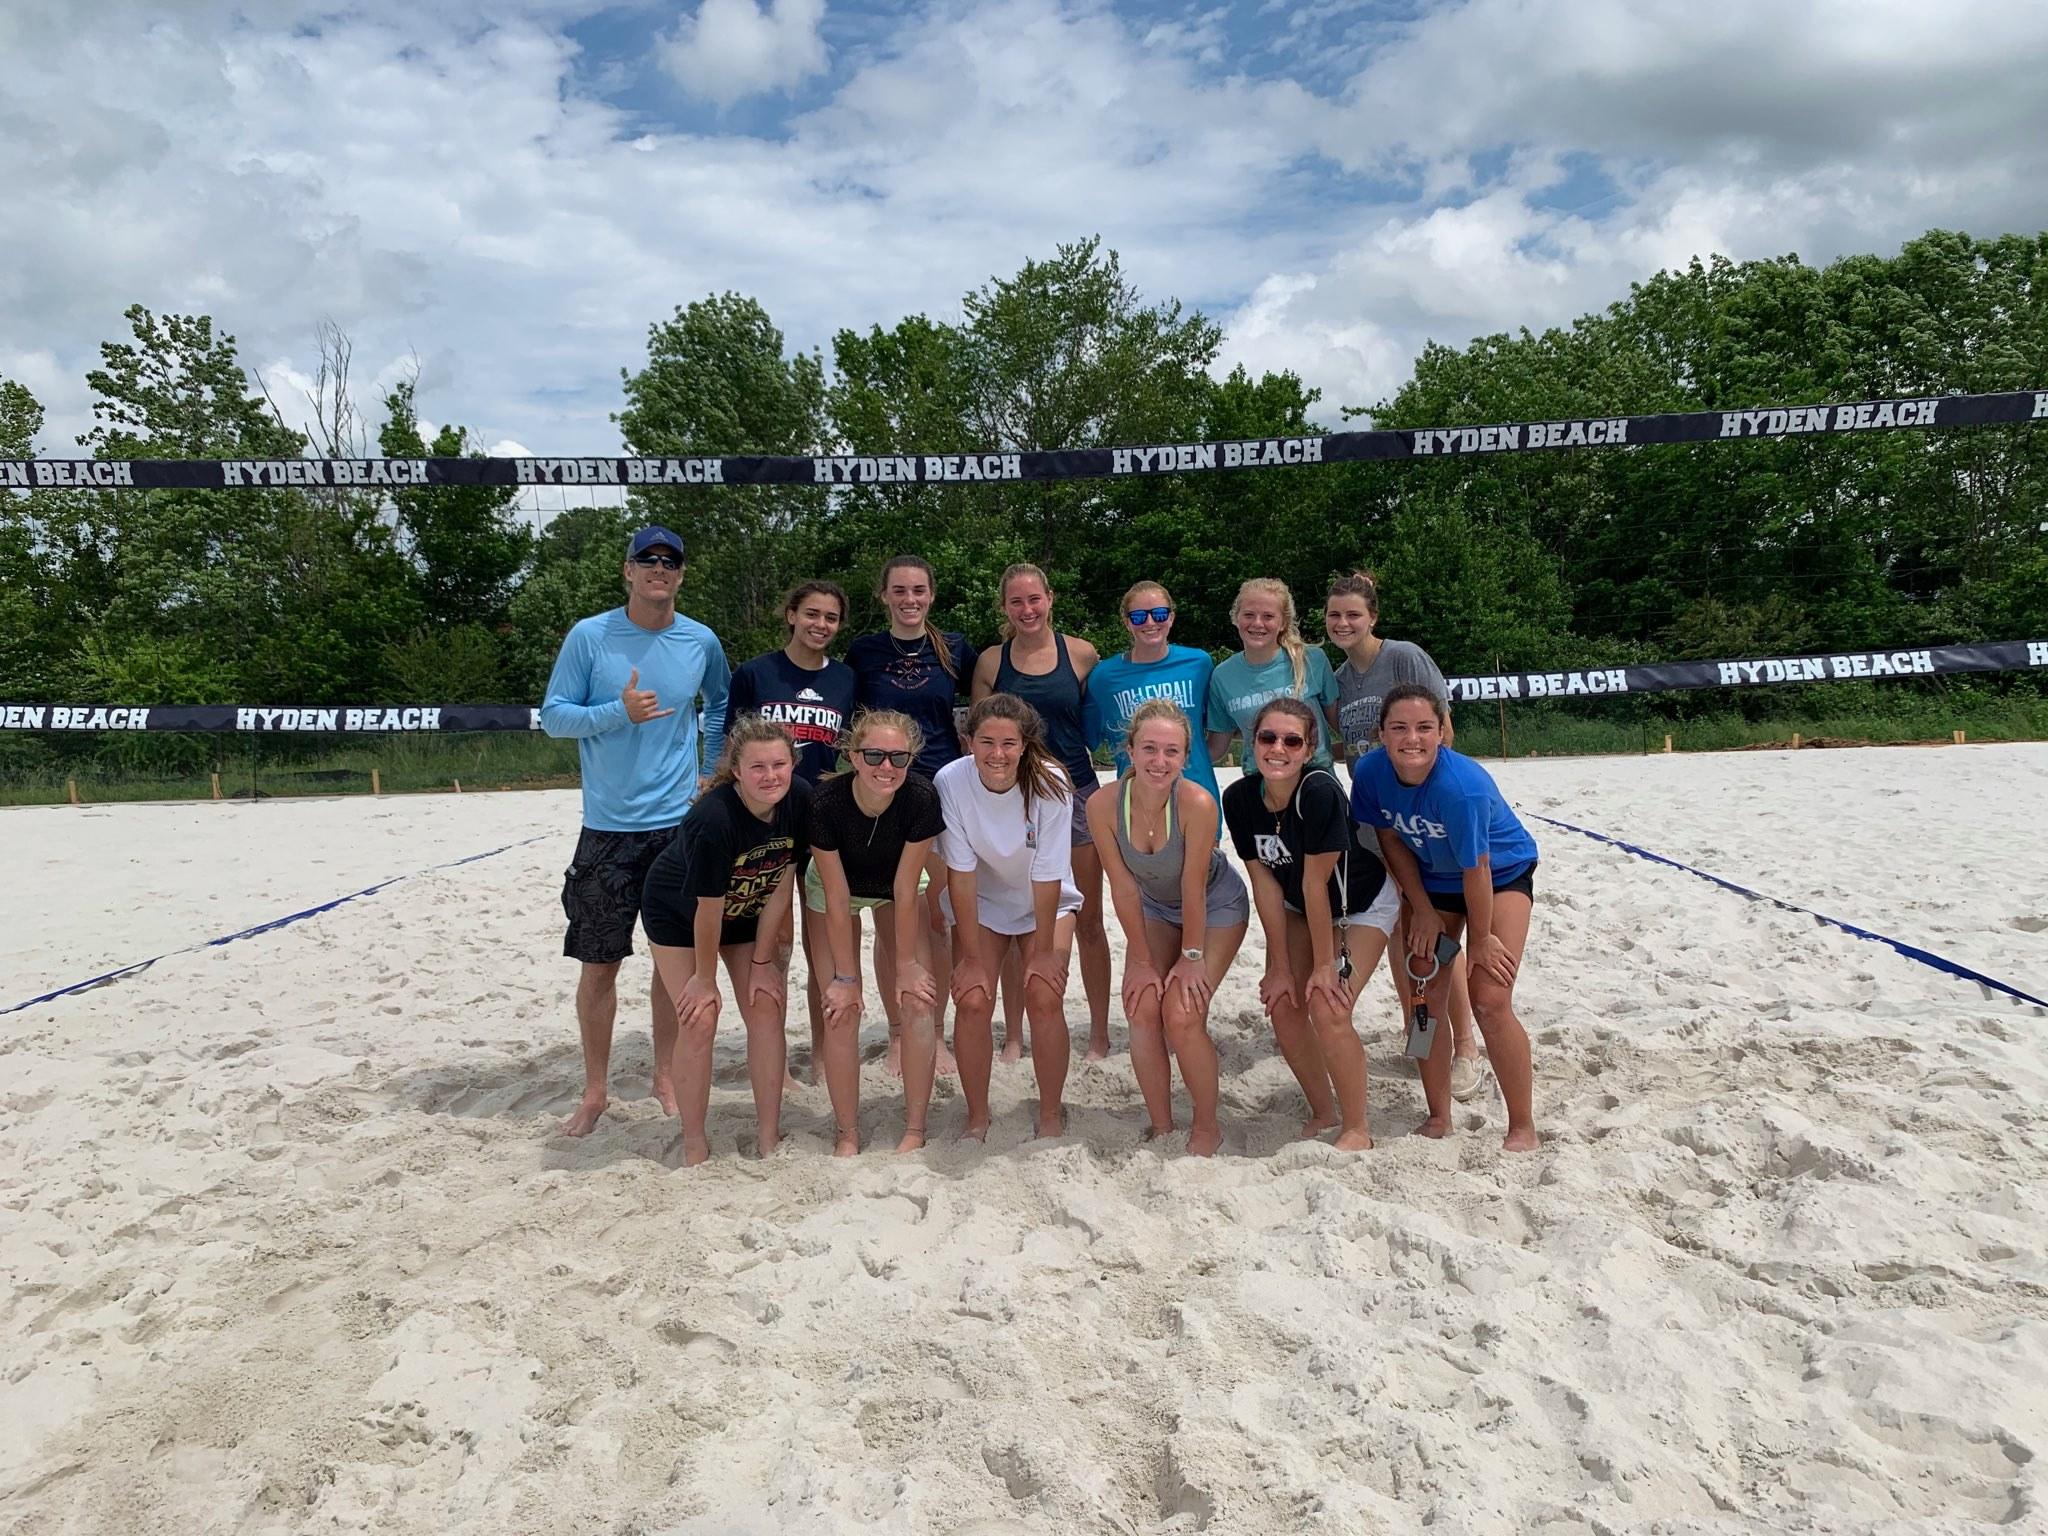 John Hyden beach volleyball